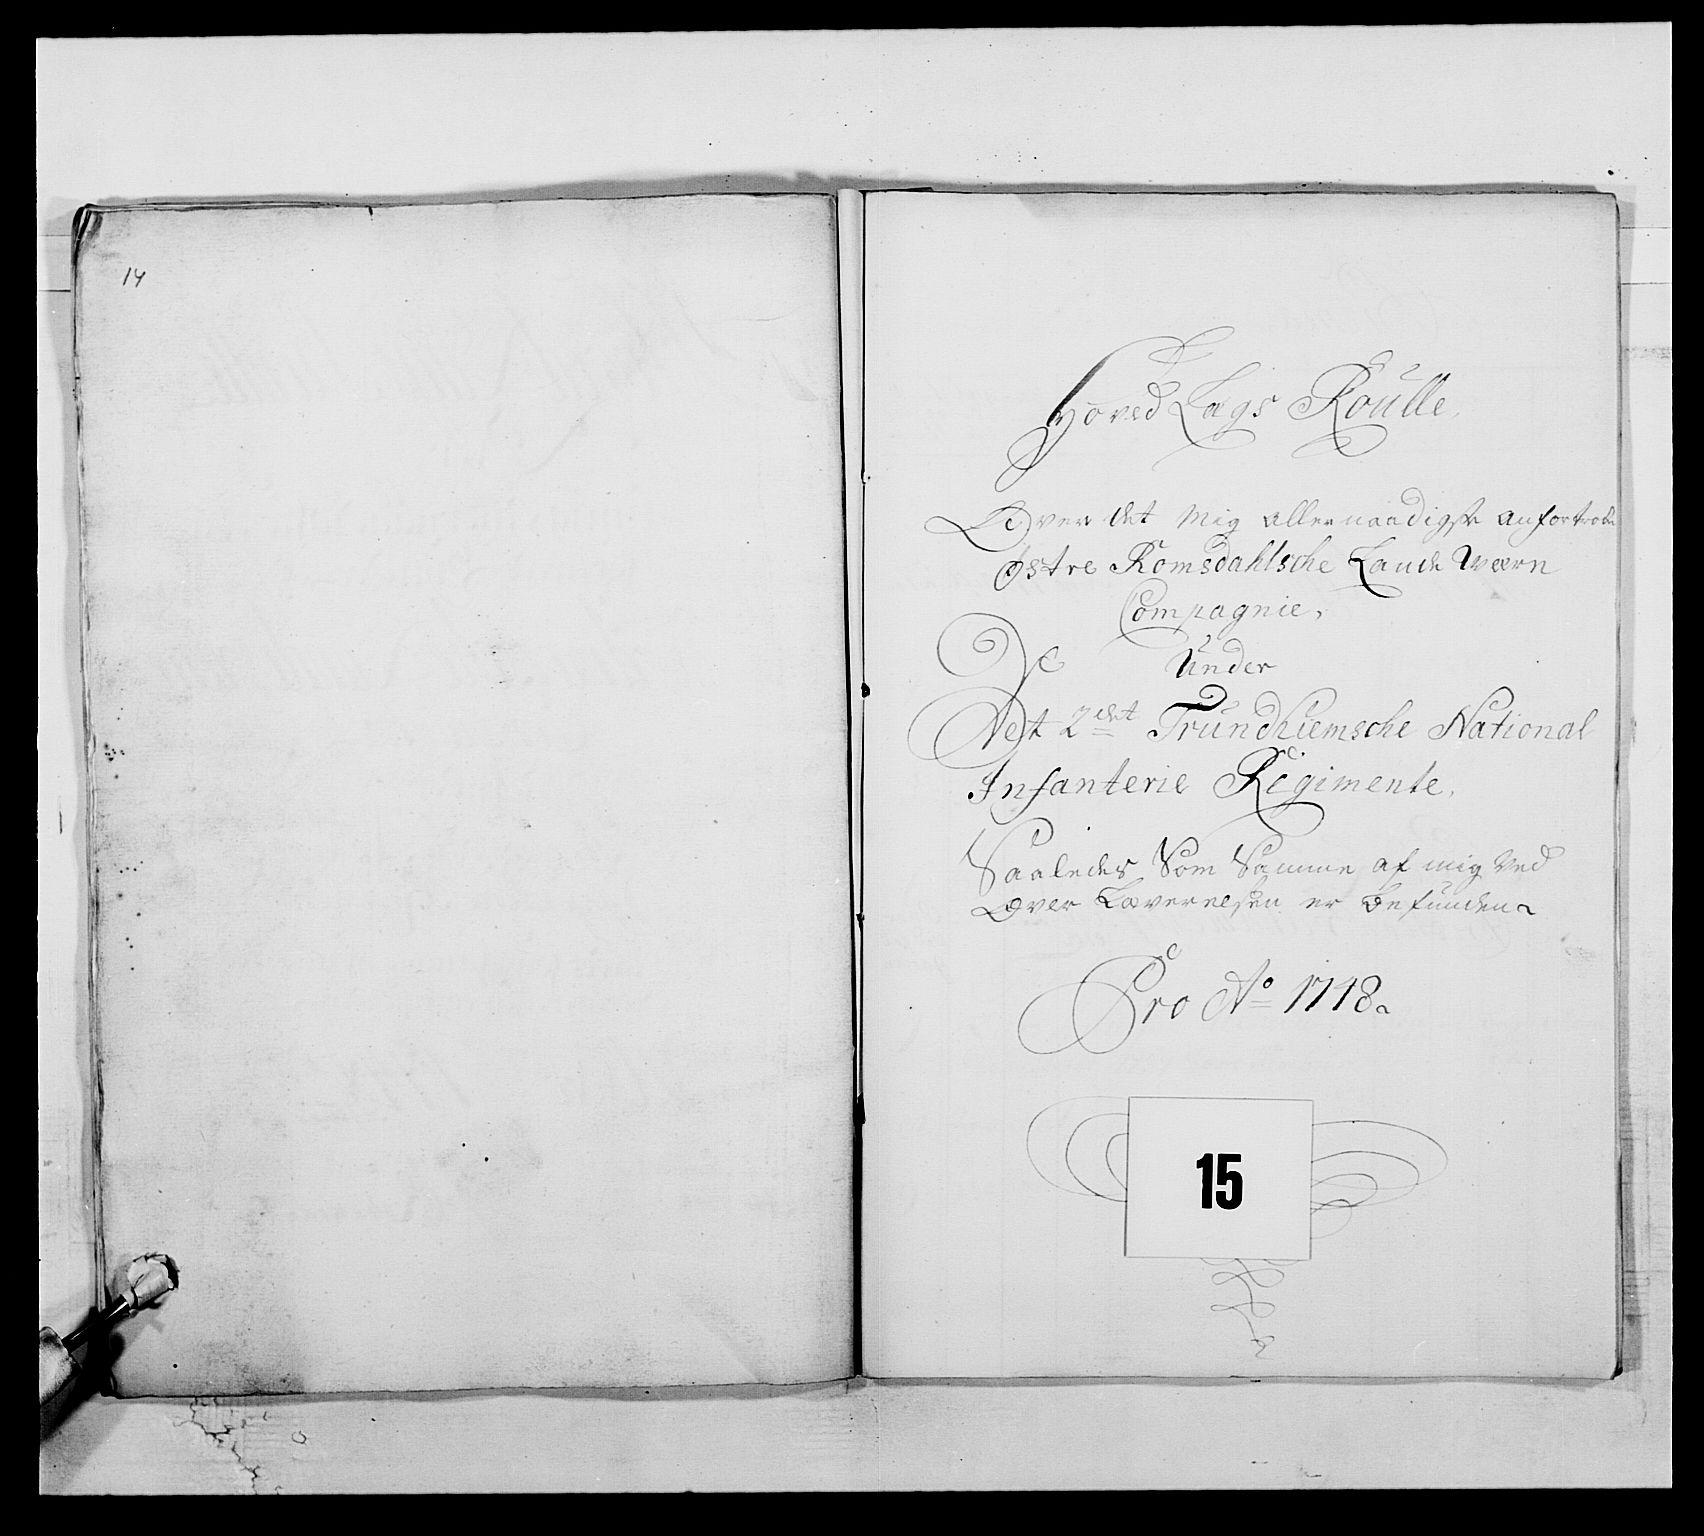 RA, Kommanderende general (KG I) med Det norske krigsdirektorium, E/Ea/L0512: 2. Trondheimske regiment, 1746-1749, s. 304